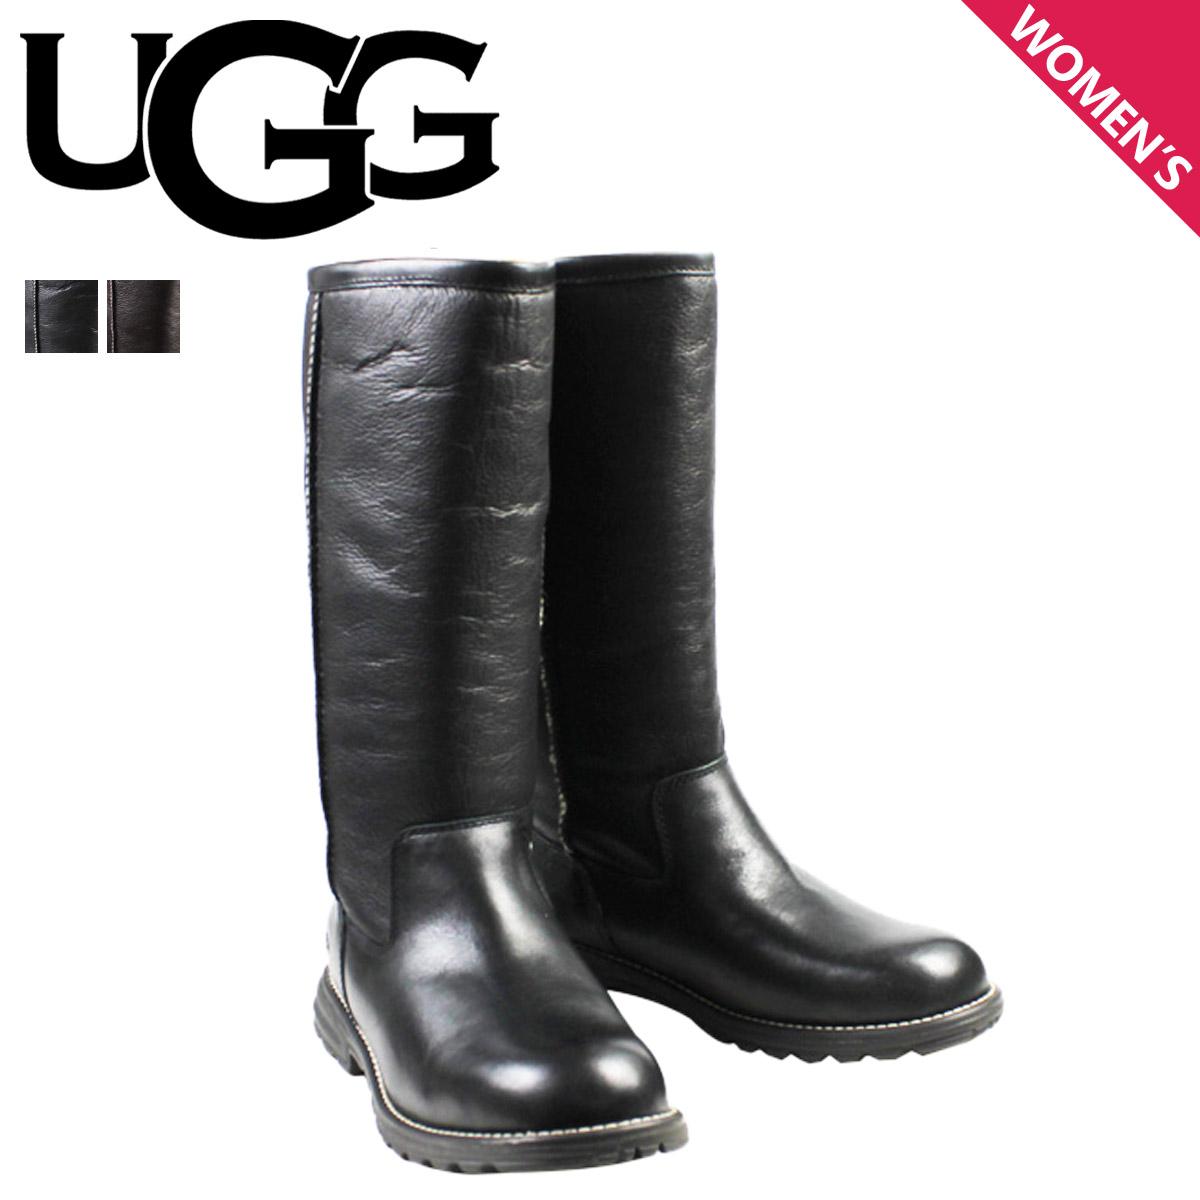 UGG アグ ムートンブーツ トール ブルックス WOMENS BROOKS TALL 5490 シープスキン レディース